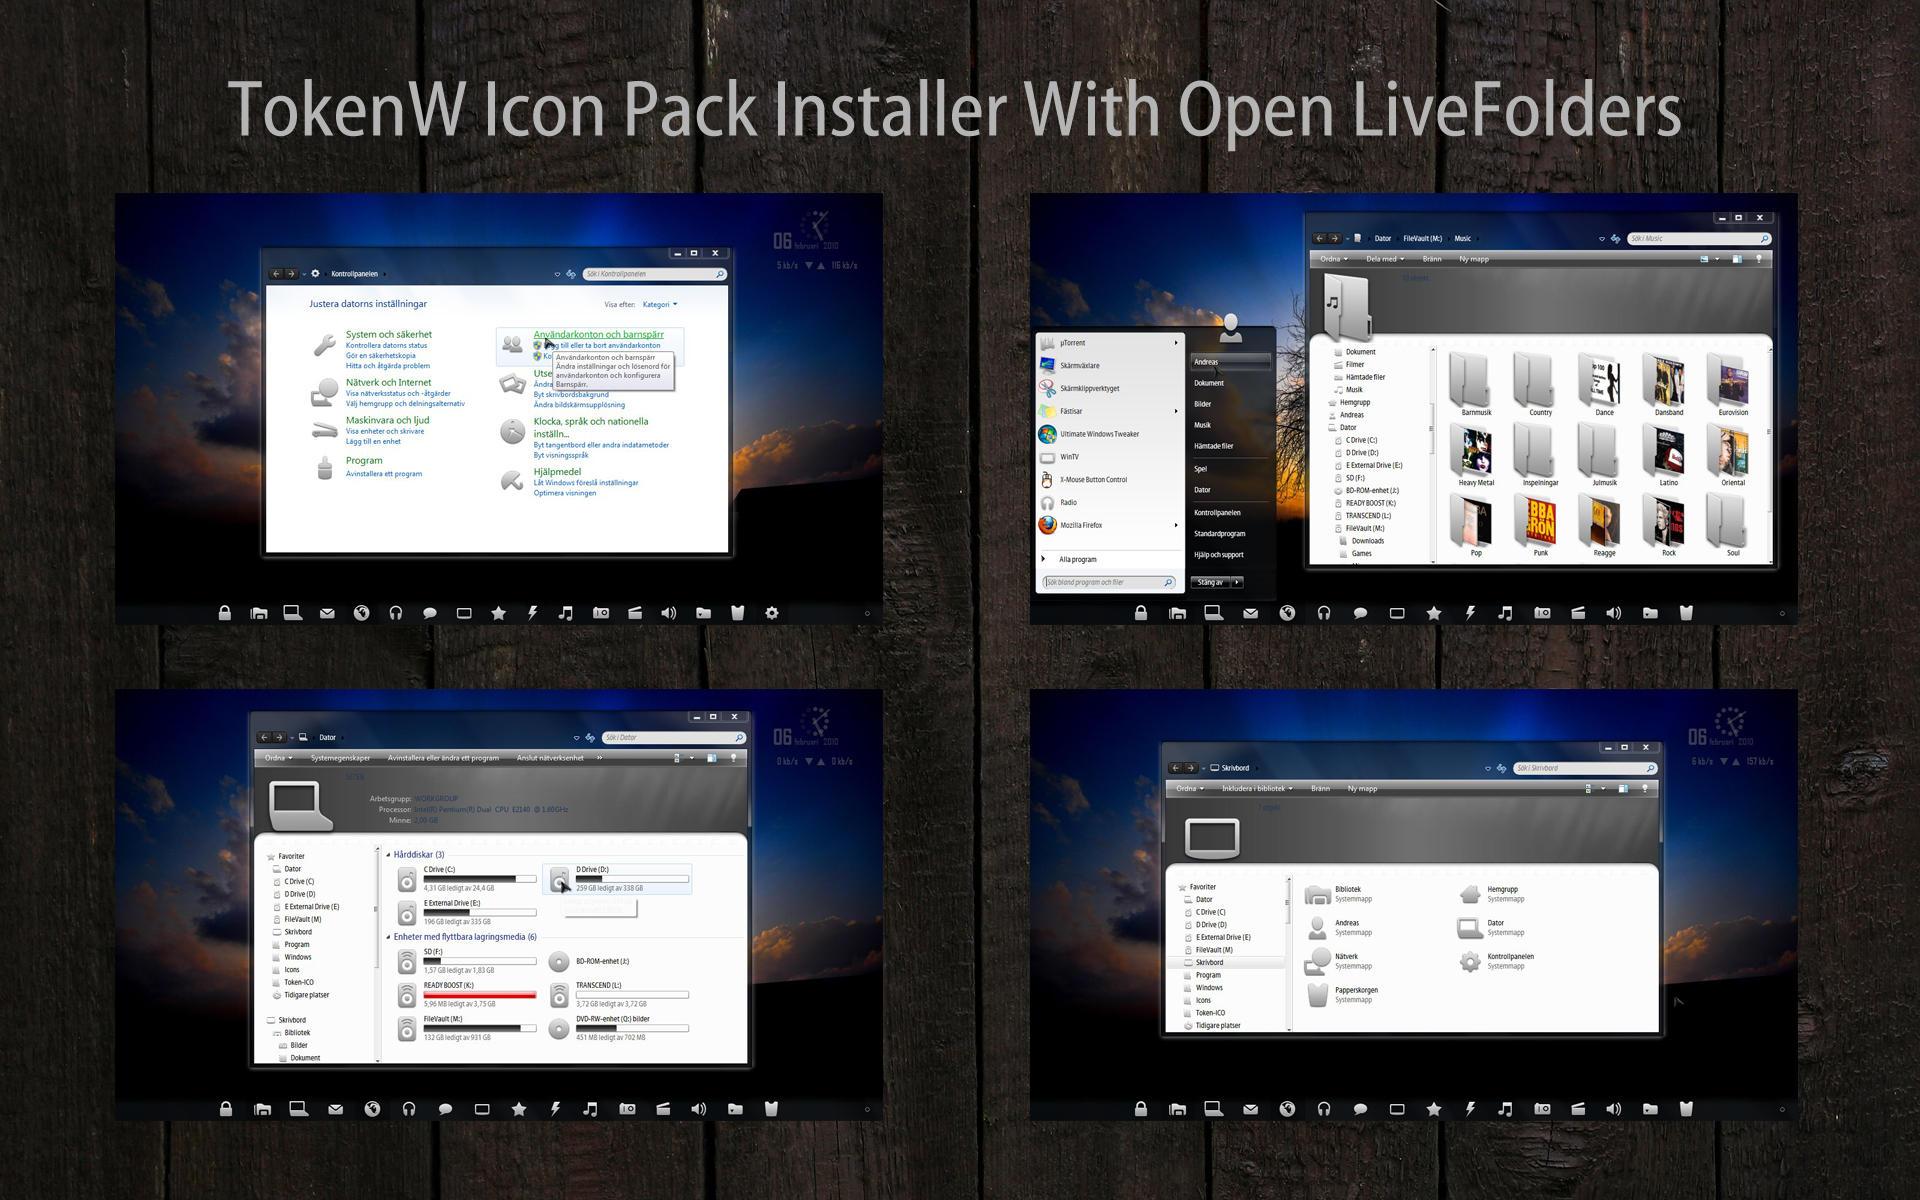 TokenW inst. OpenFolder 64 Top by Mr-Ragnarok